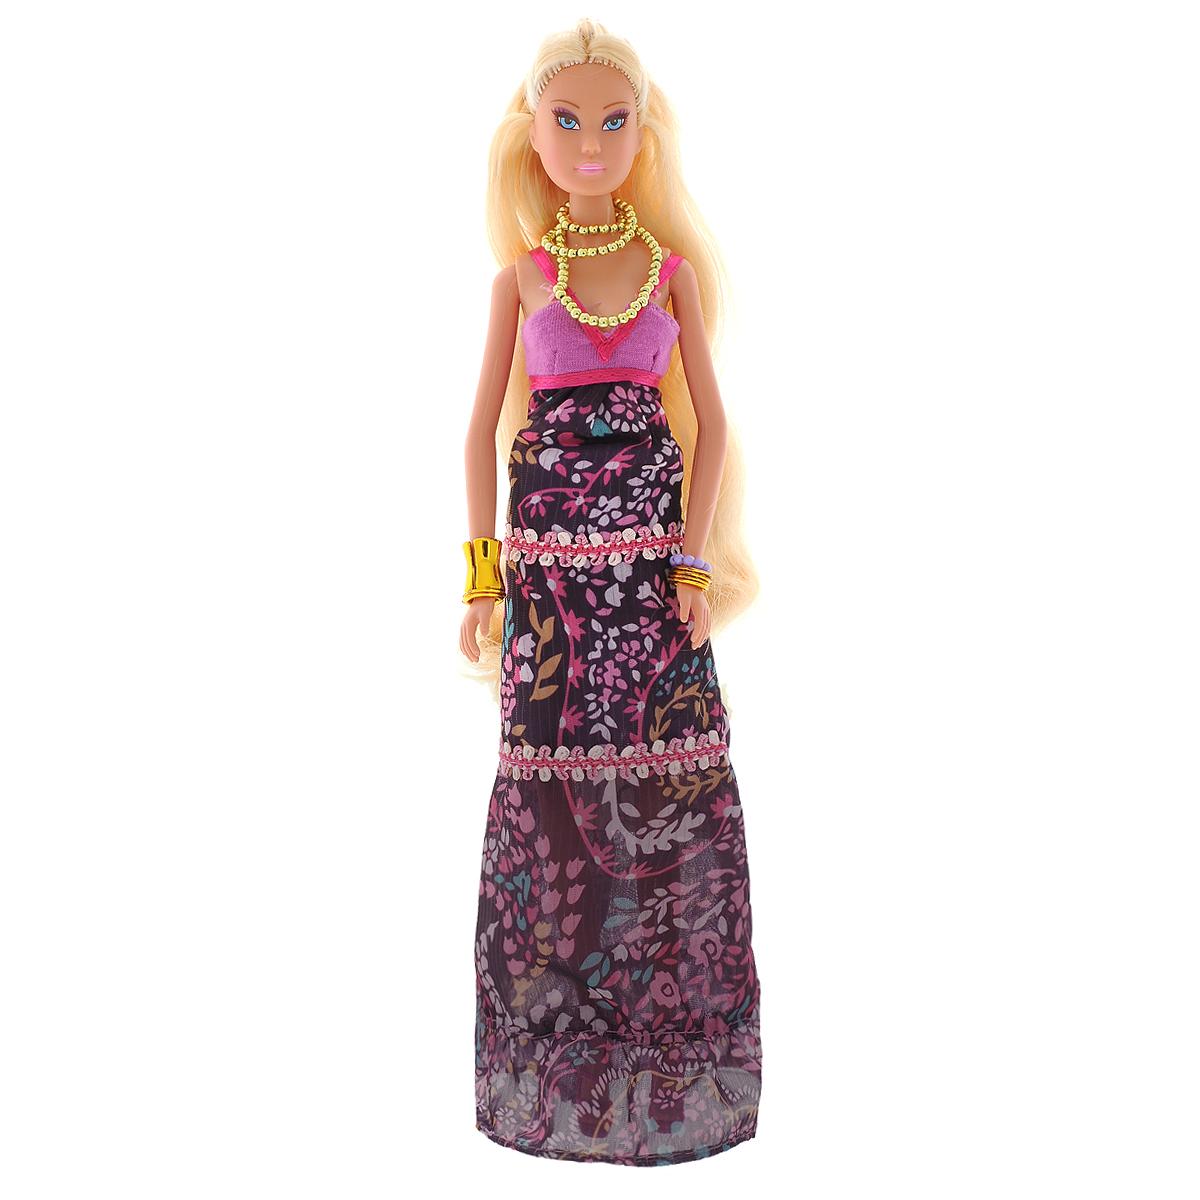 Simba Кукла Steffi Love Supermodel Maxi Dress5737454Кукла Simba Steffi Love. Supermodel: Maxi Dress надолго займет внимание вашей малышки и подарит ей множество счастливых мгновений. Кукла изготовлена из пластика, ее голова, ручки и ножки подвижны, что позволяет придавать ей разнообразные позы. В комплект входит расческа и сумочка для куклы, а также оригинальный браслет для девочки. Куколка одета в стильное длинное платье, оформленное цветочным принтом. Модный образ дополняют золотистые бусы и браслеты. Чудесные длинные волосы куклы так весело расчесывать и создавать из них всевозможные прически, плести косички, жгутики и хвостики. Благодаря играм с куклой, ваша малышка сможет развить фантазию и любознательность, овладеть навыками общения и научиться ответственности, а дополнительные аксессуары сделают игру еще увлекательнее. Порадуйте свою принцессу таким прекрасным подарком!